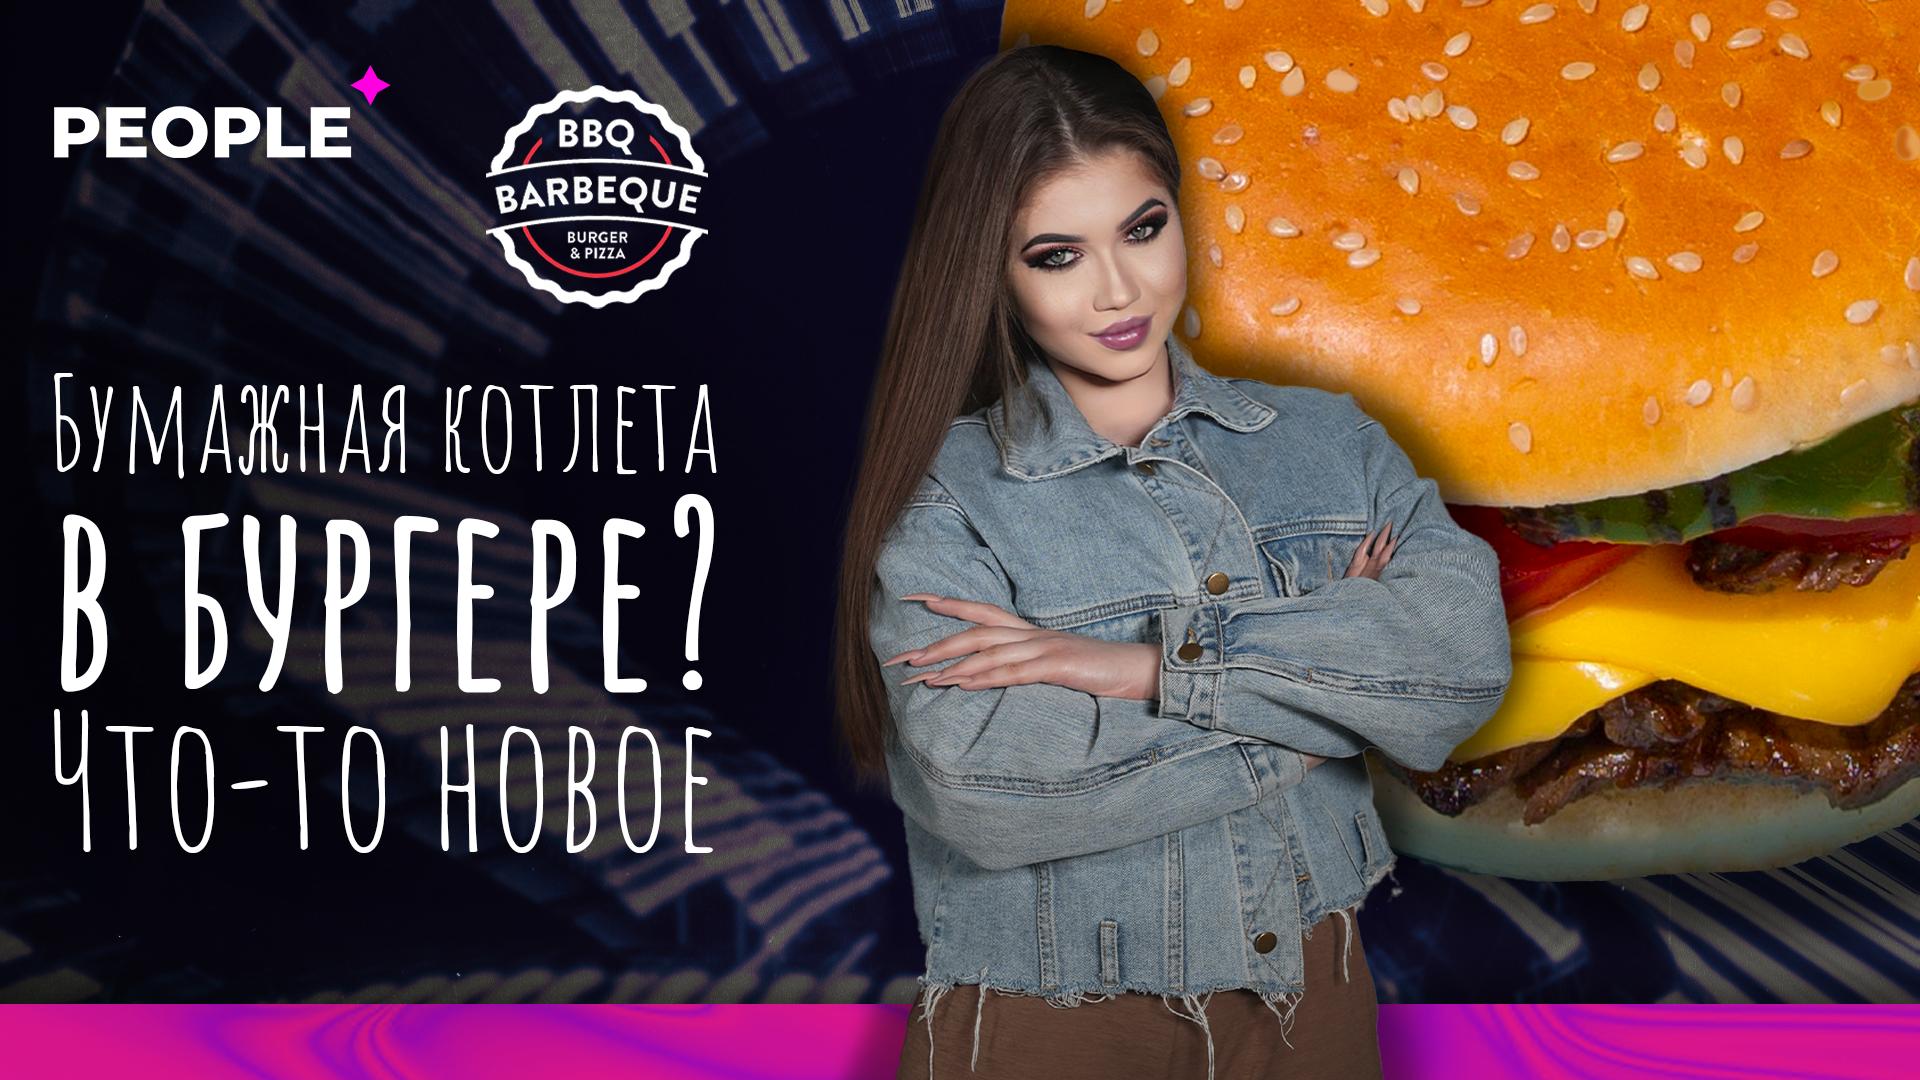 Задержка заказа, котлеты из бумаги и хамство персонала: обзор Barbeque Burger в Ташкенте